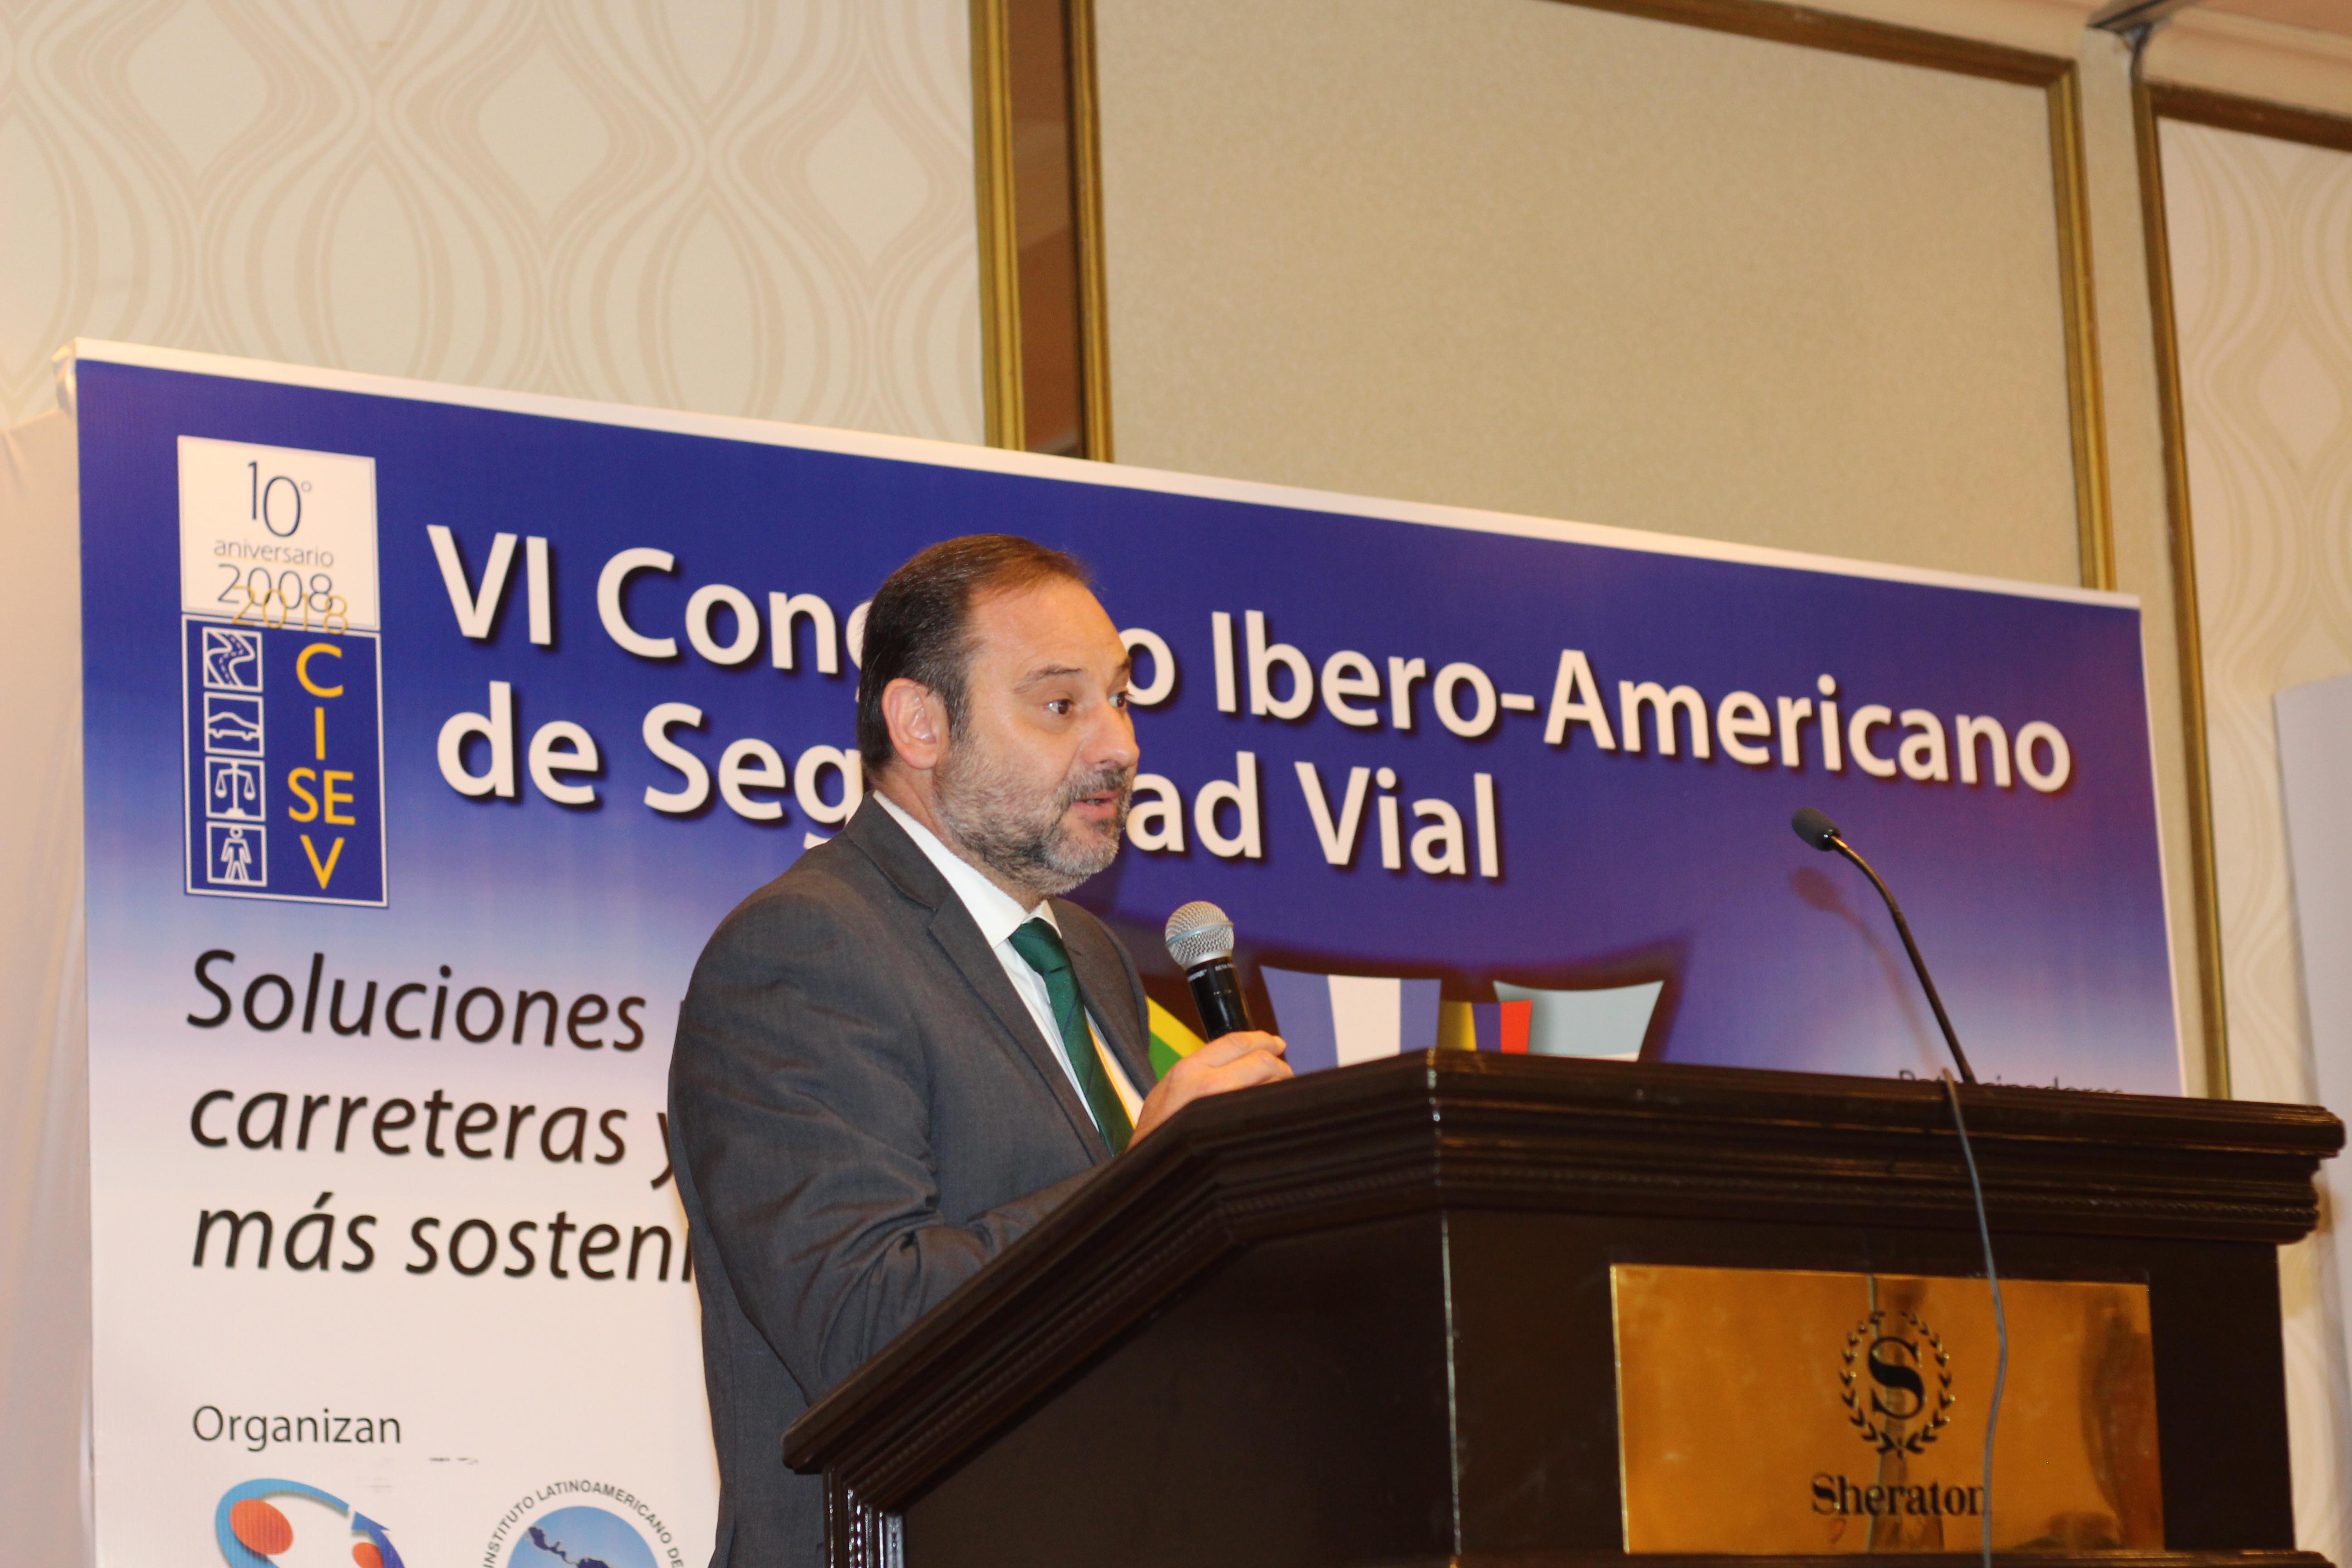 inauguracion discurso Abalos (2)